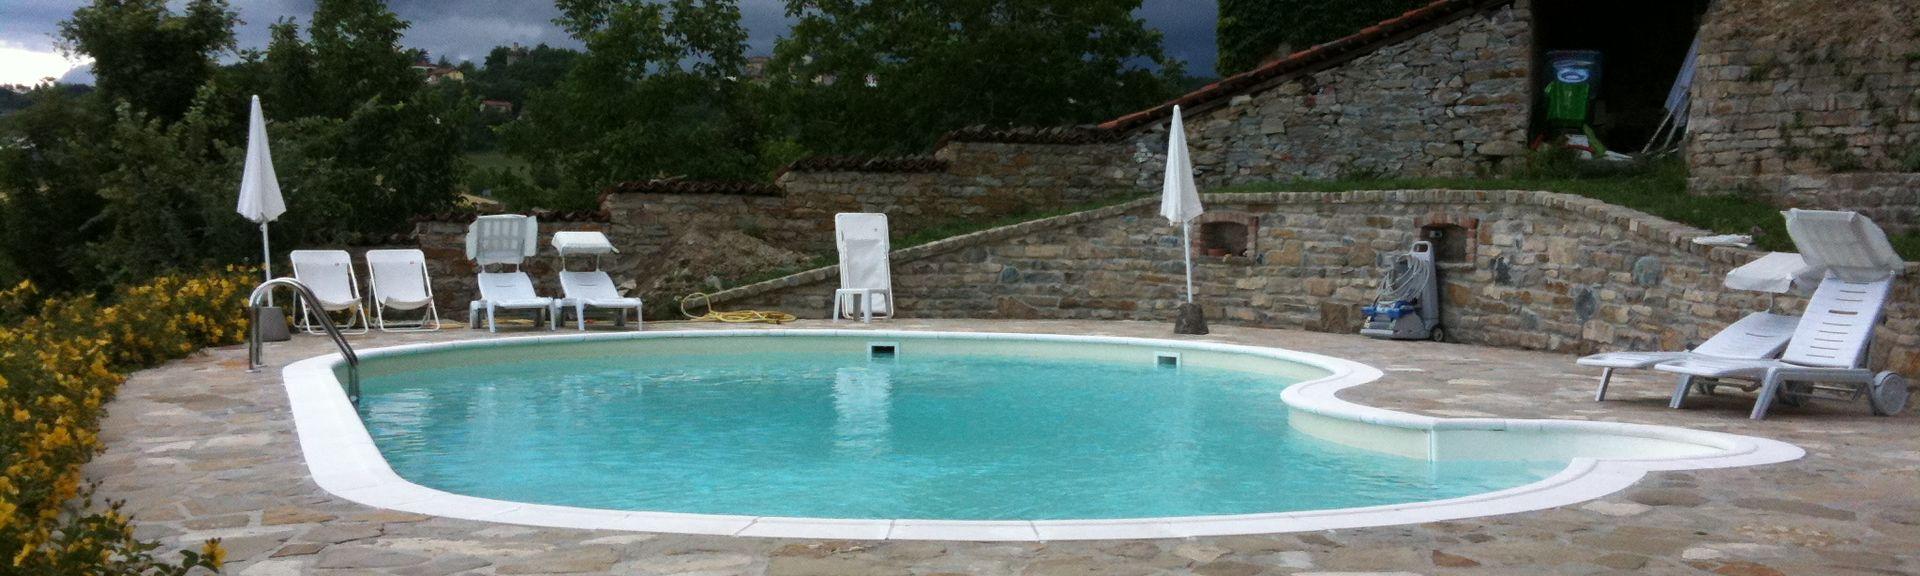 Santo Stefano Belbo, Piedmont, Italy